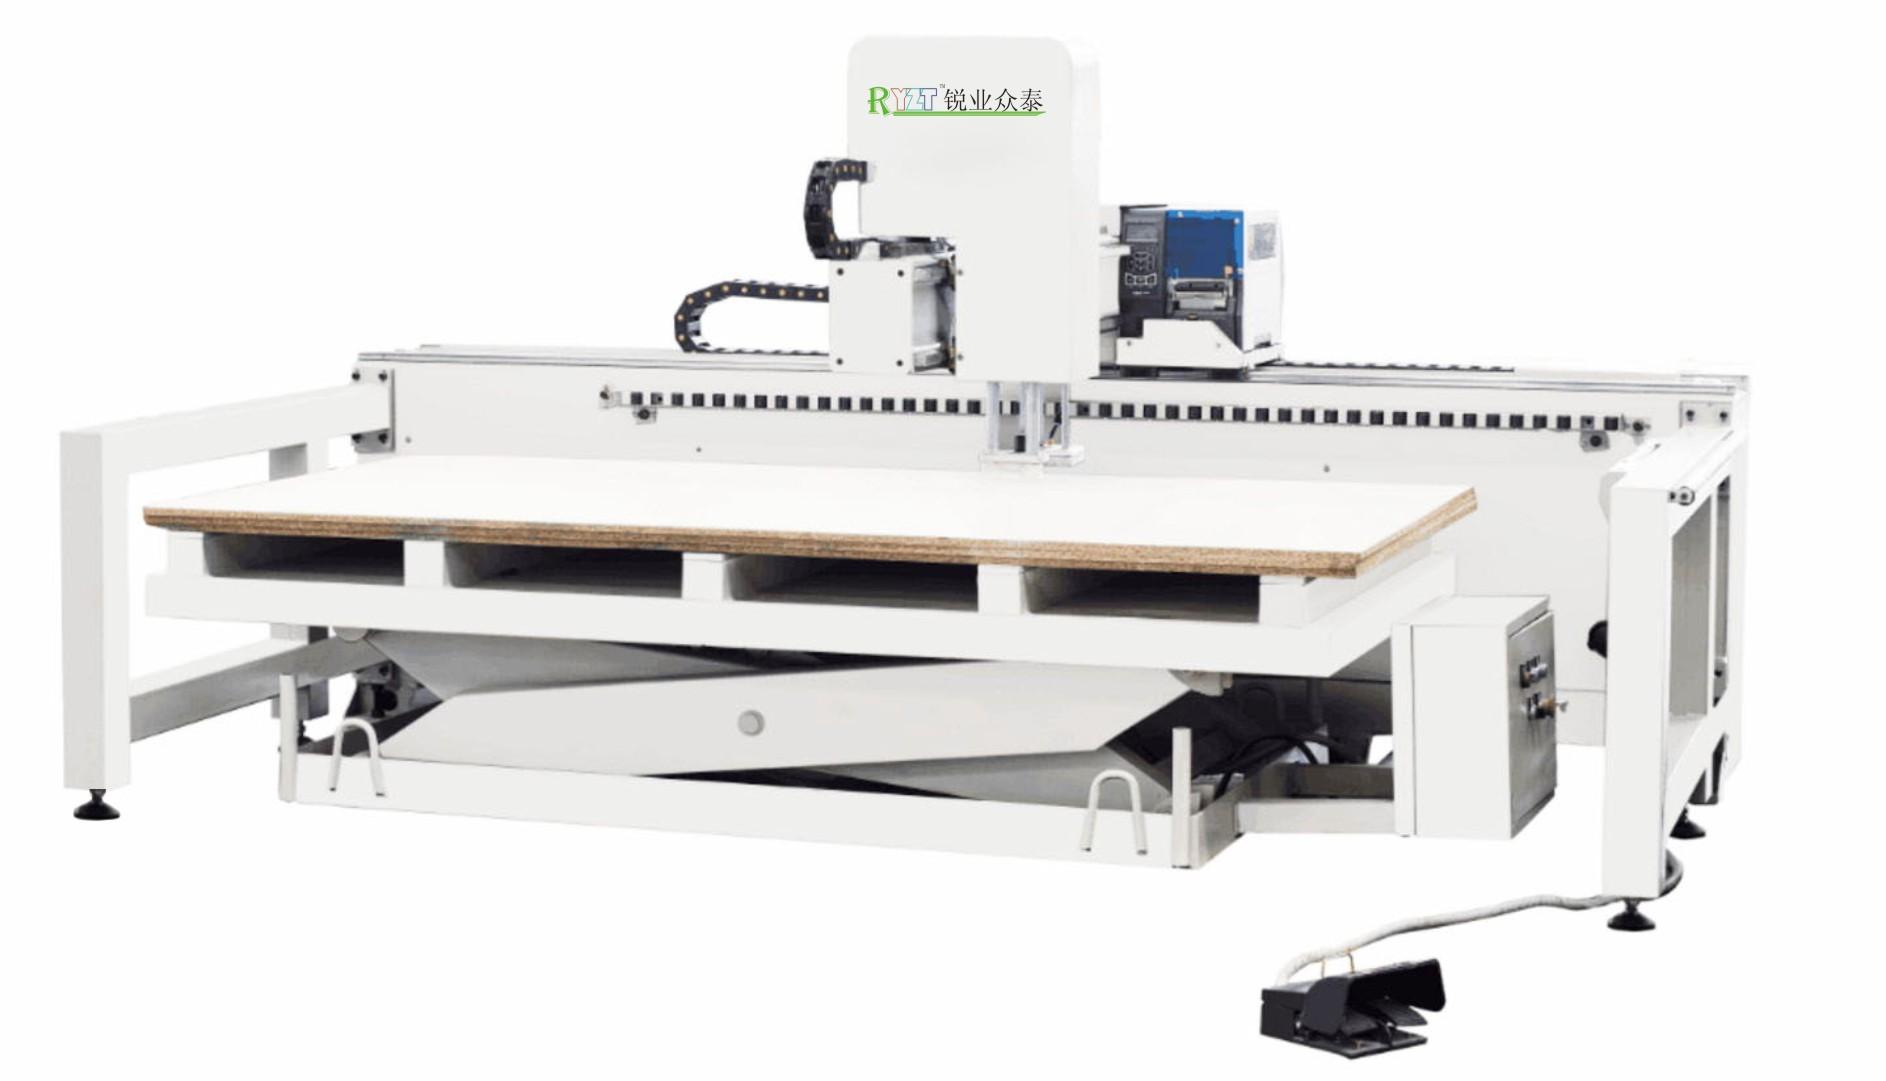 购买木工机械-想买口碑好的佛山木工机械,就来佛山锐业众泰